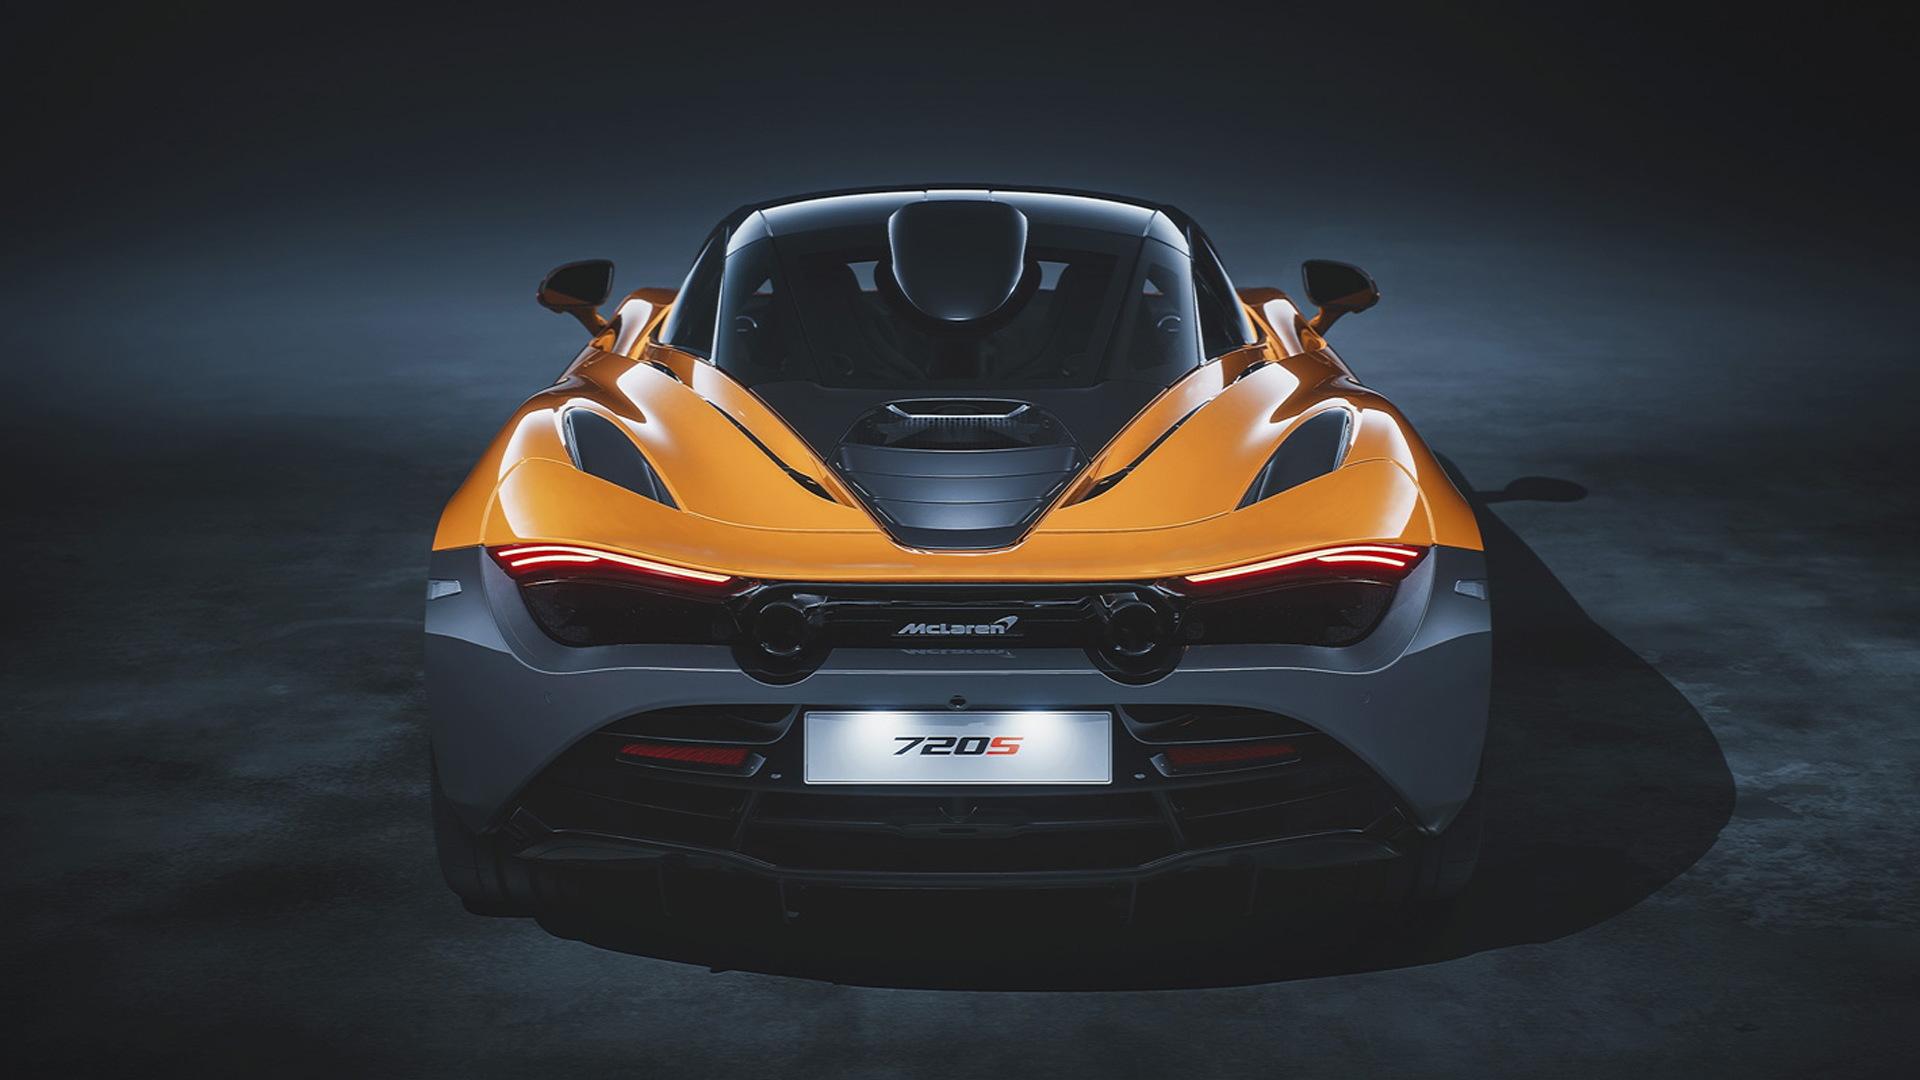 McLaren 720S Le Mans